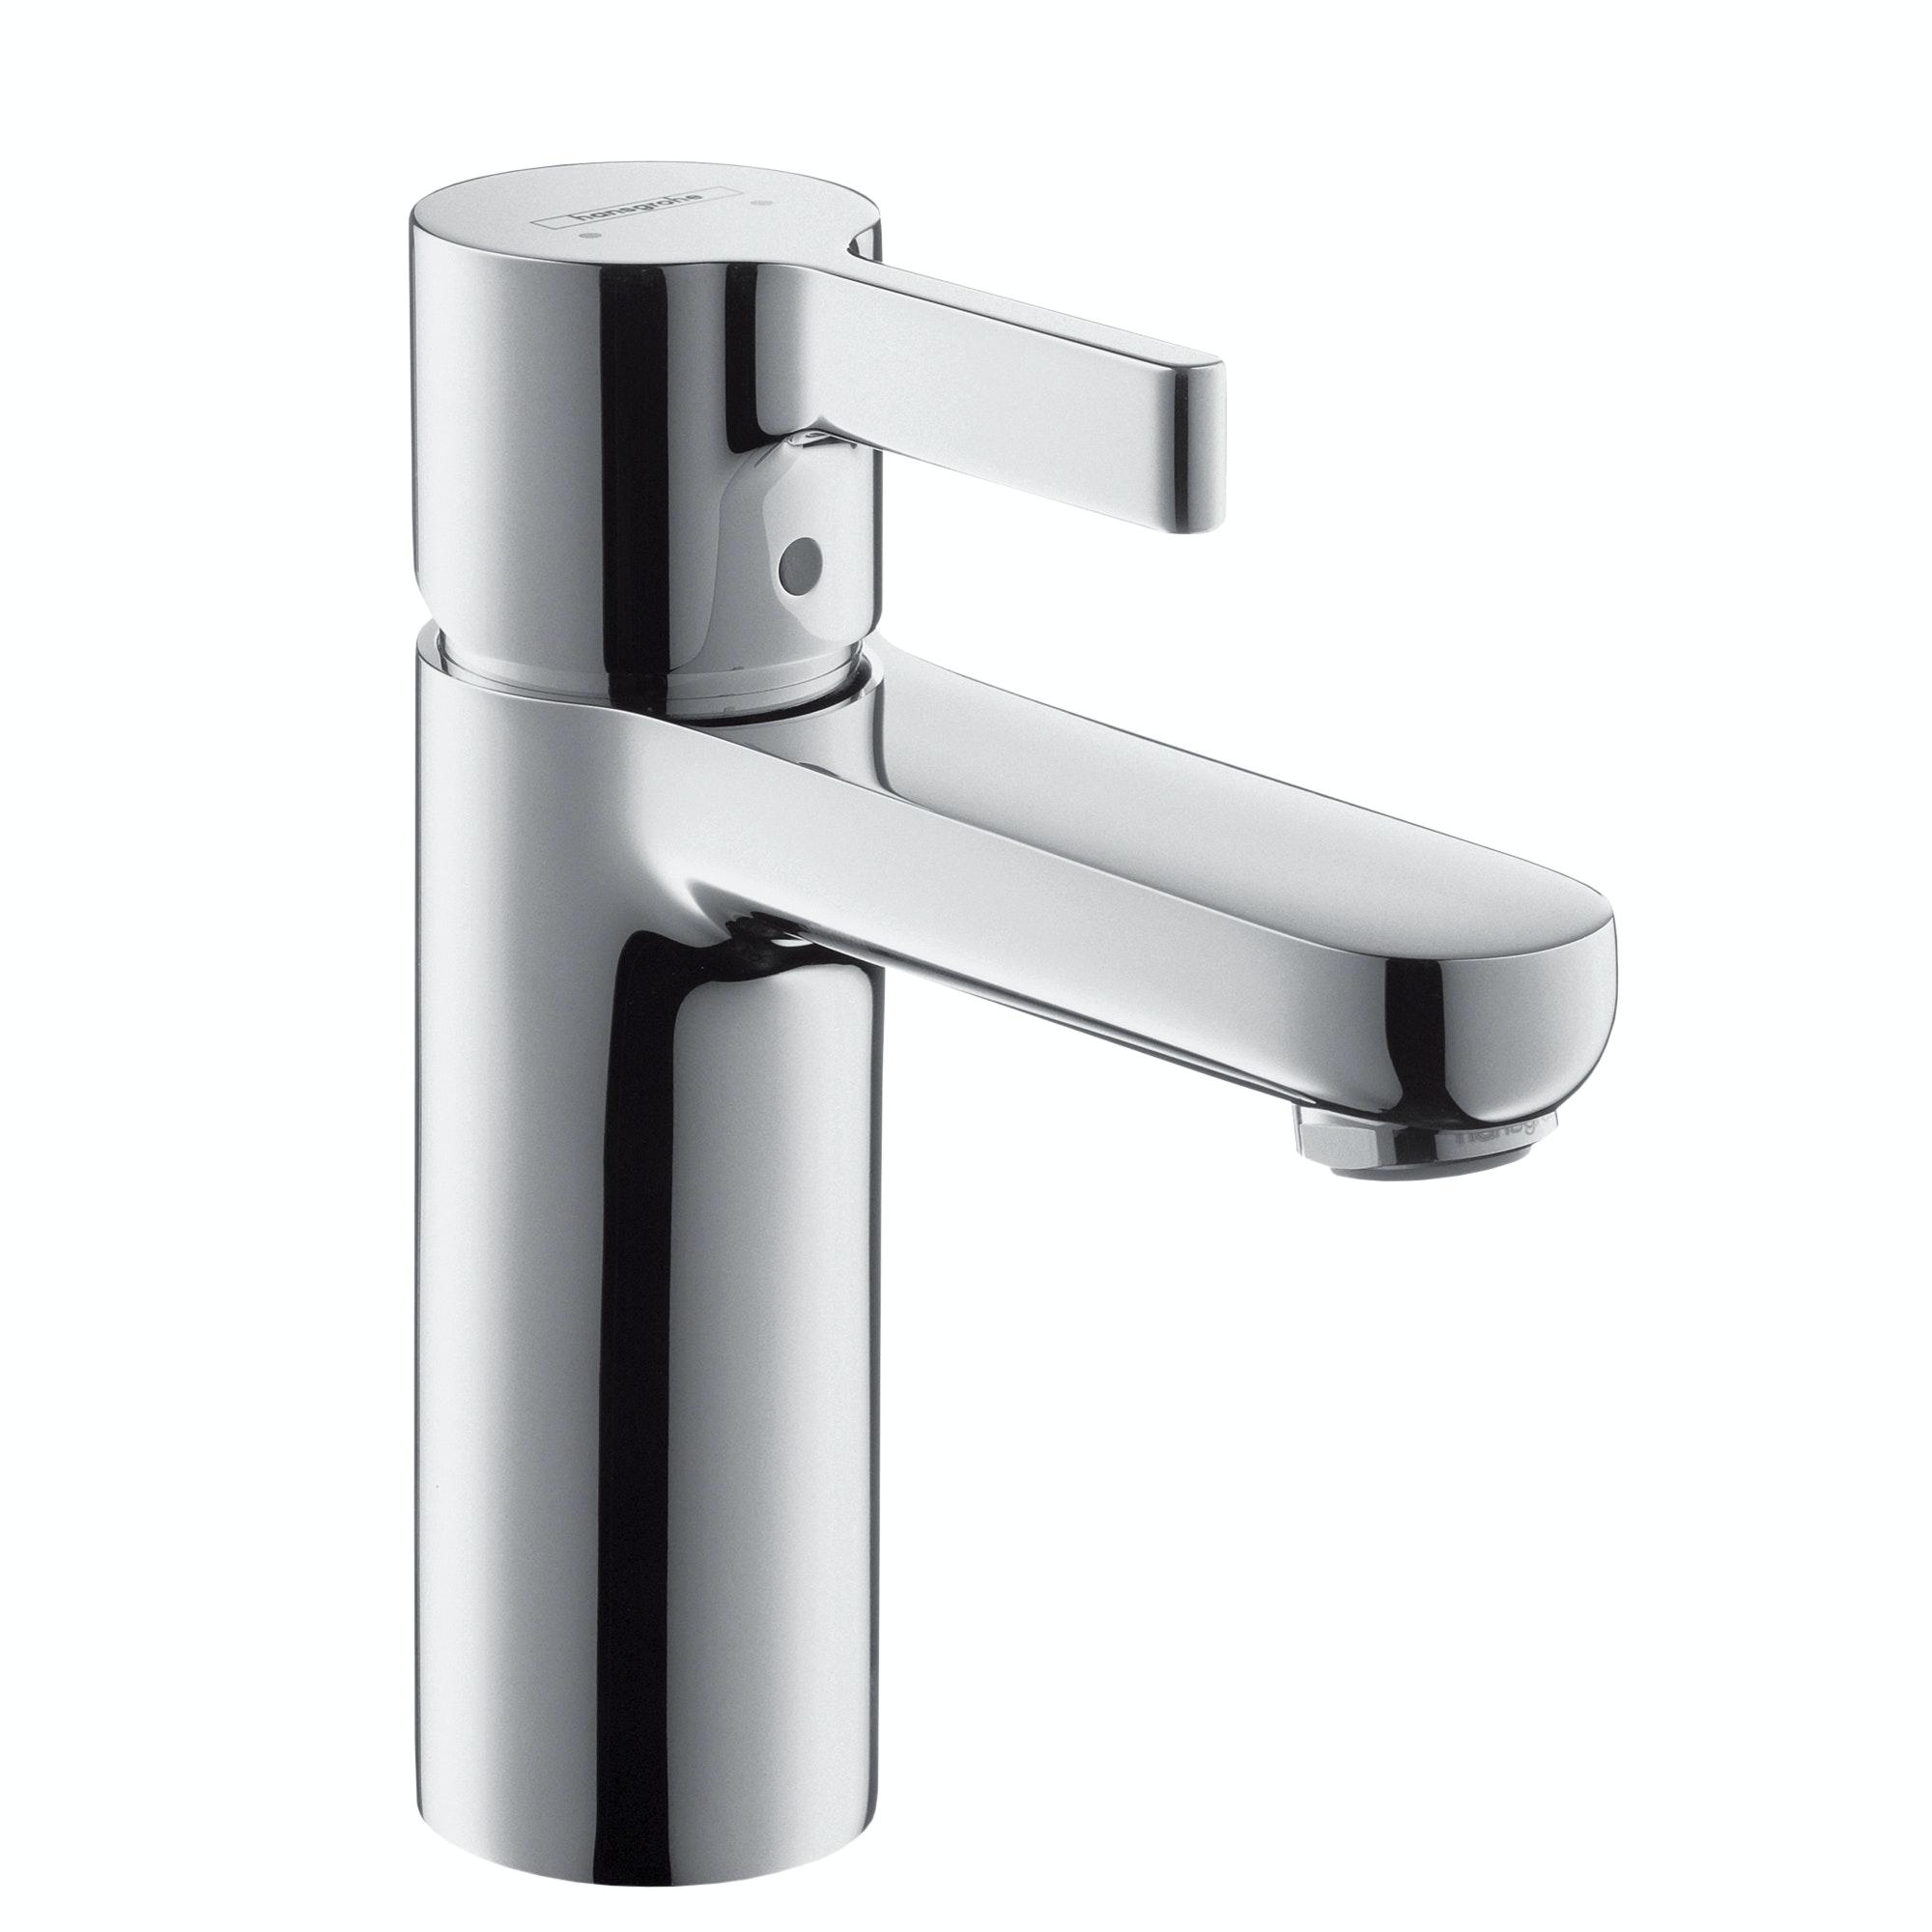 Tvättställsblandare HansGrohe Metris S Krom